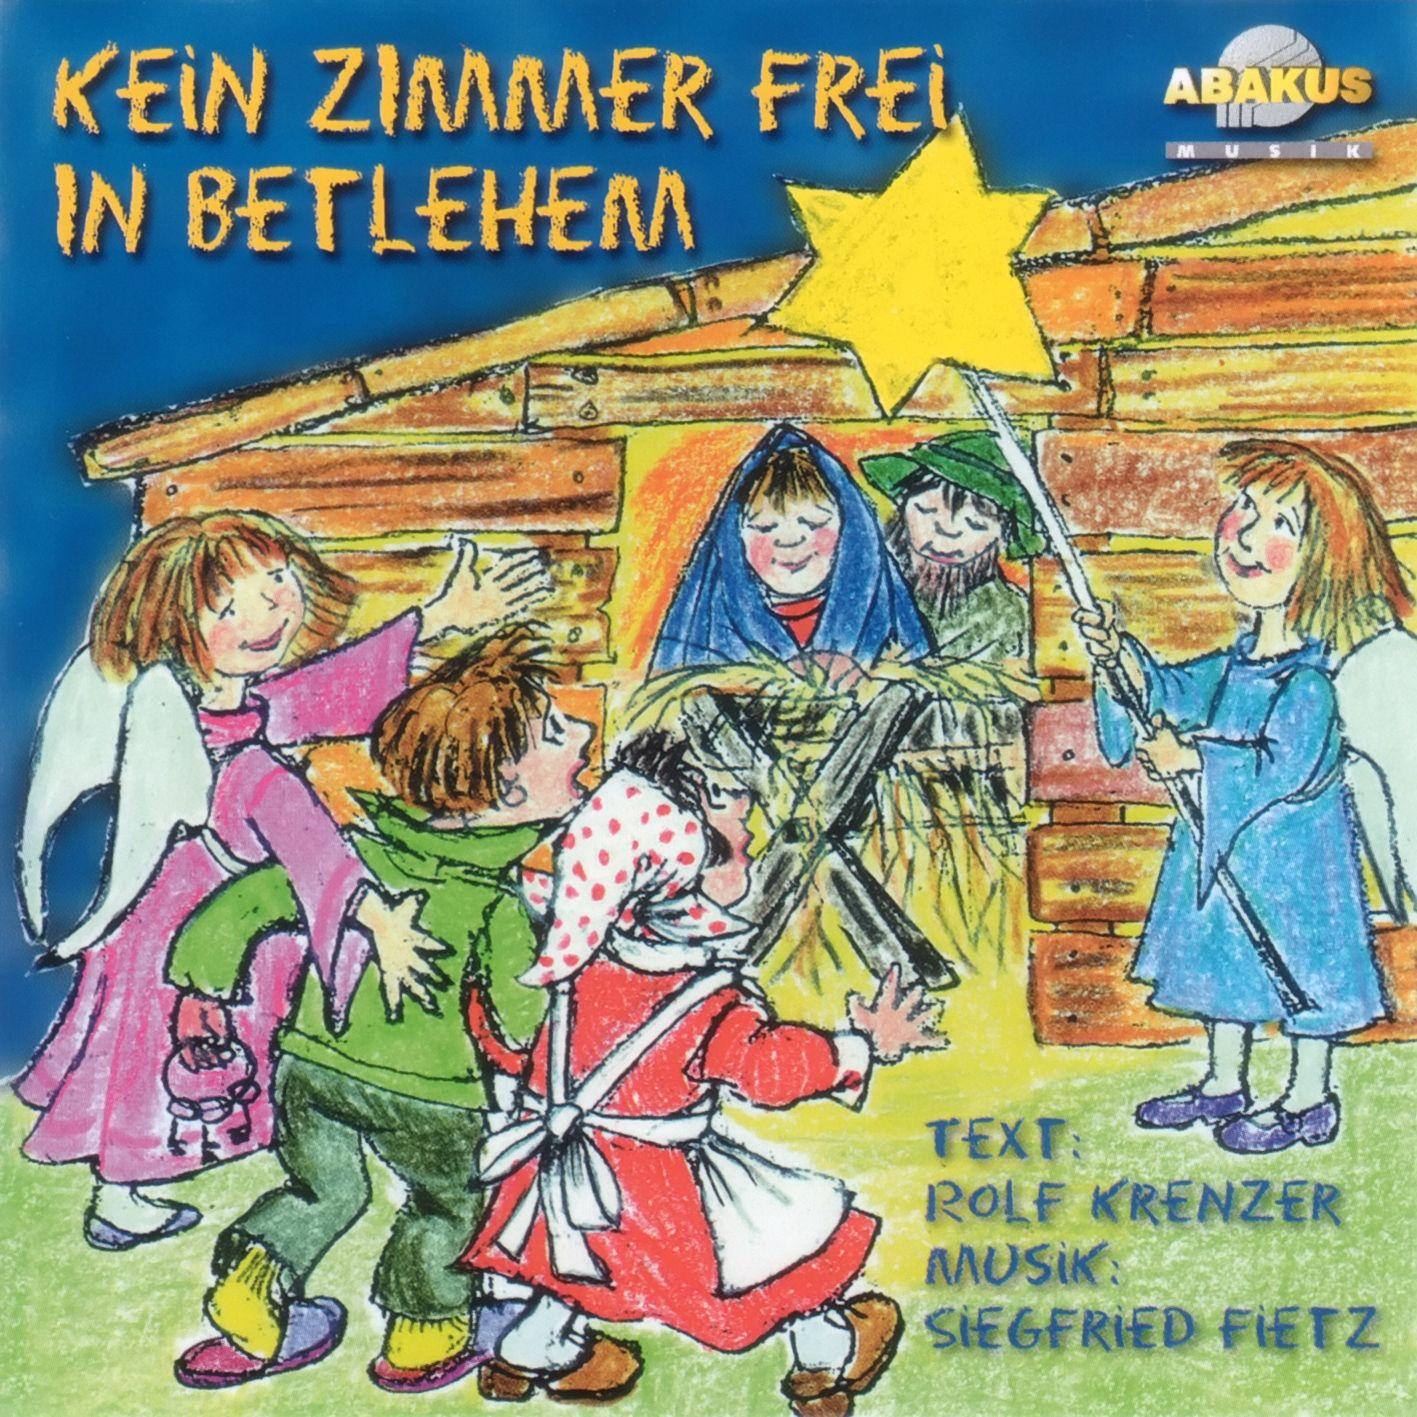 Siegfried Fietz - Einen Guten Freund Zu Haben